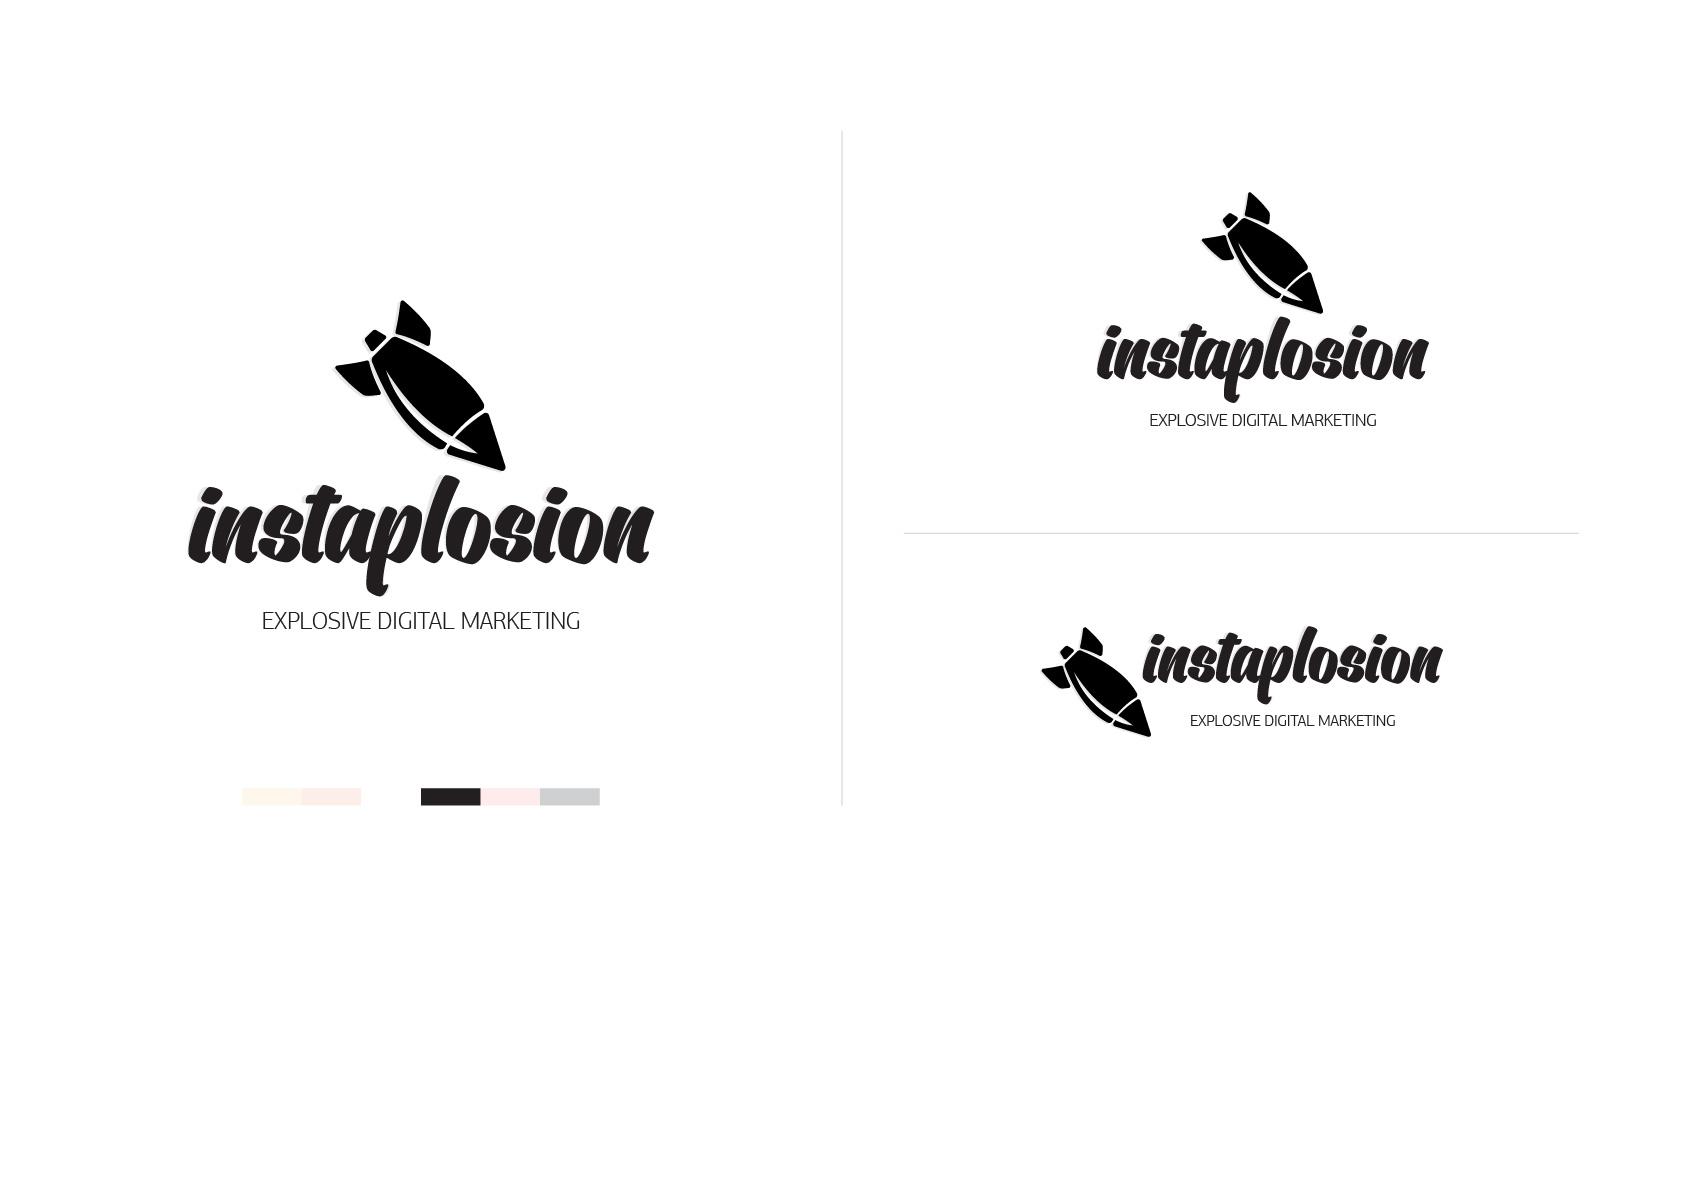 instaplosion-21